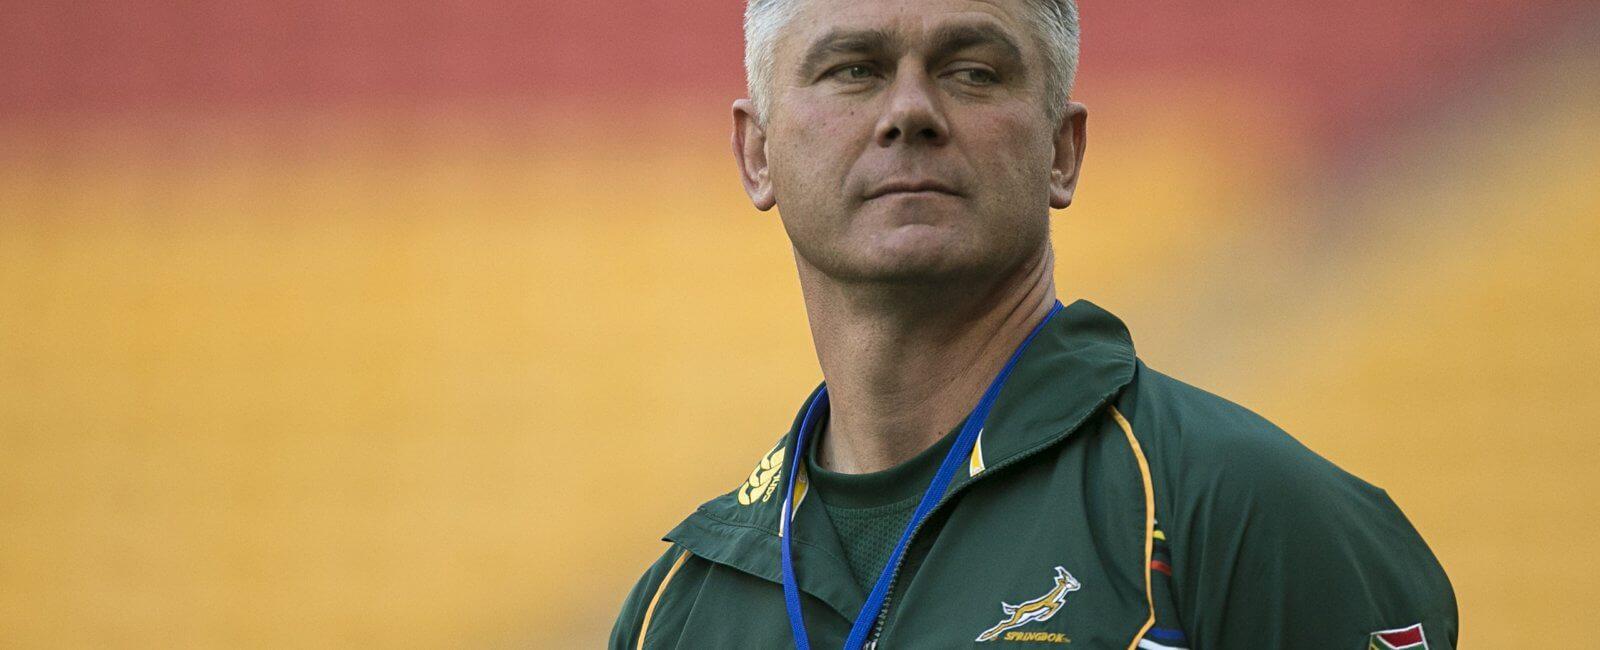 Heyneke Meyer, former Springbok coach